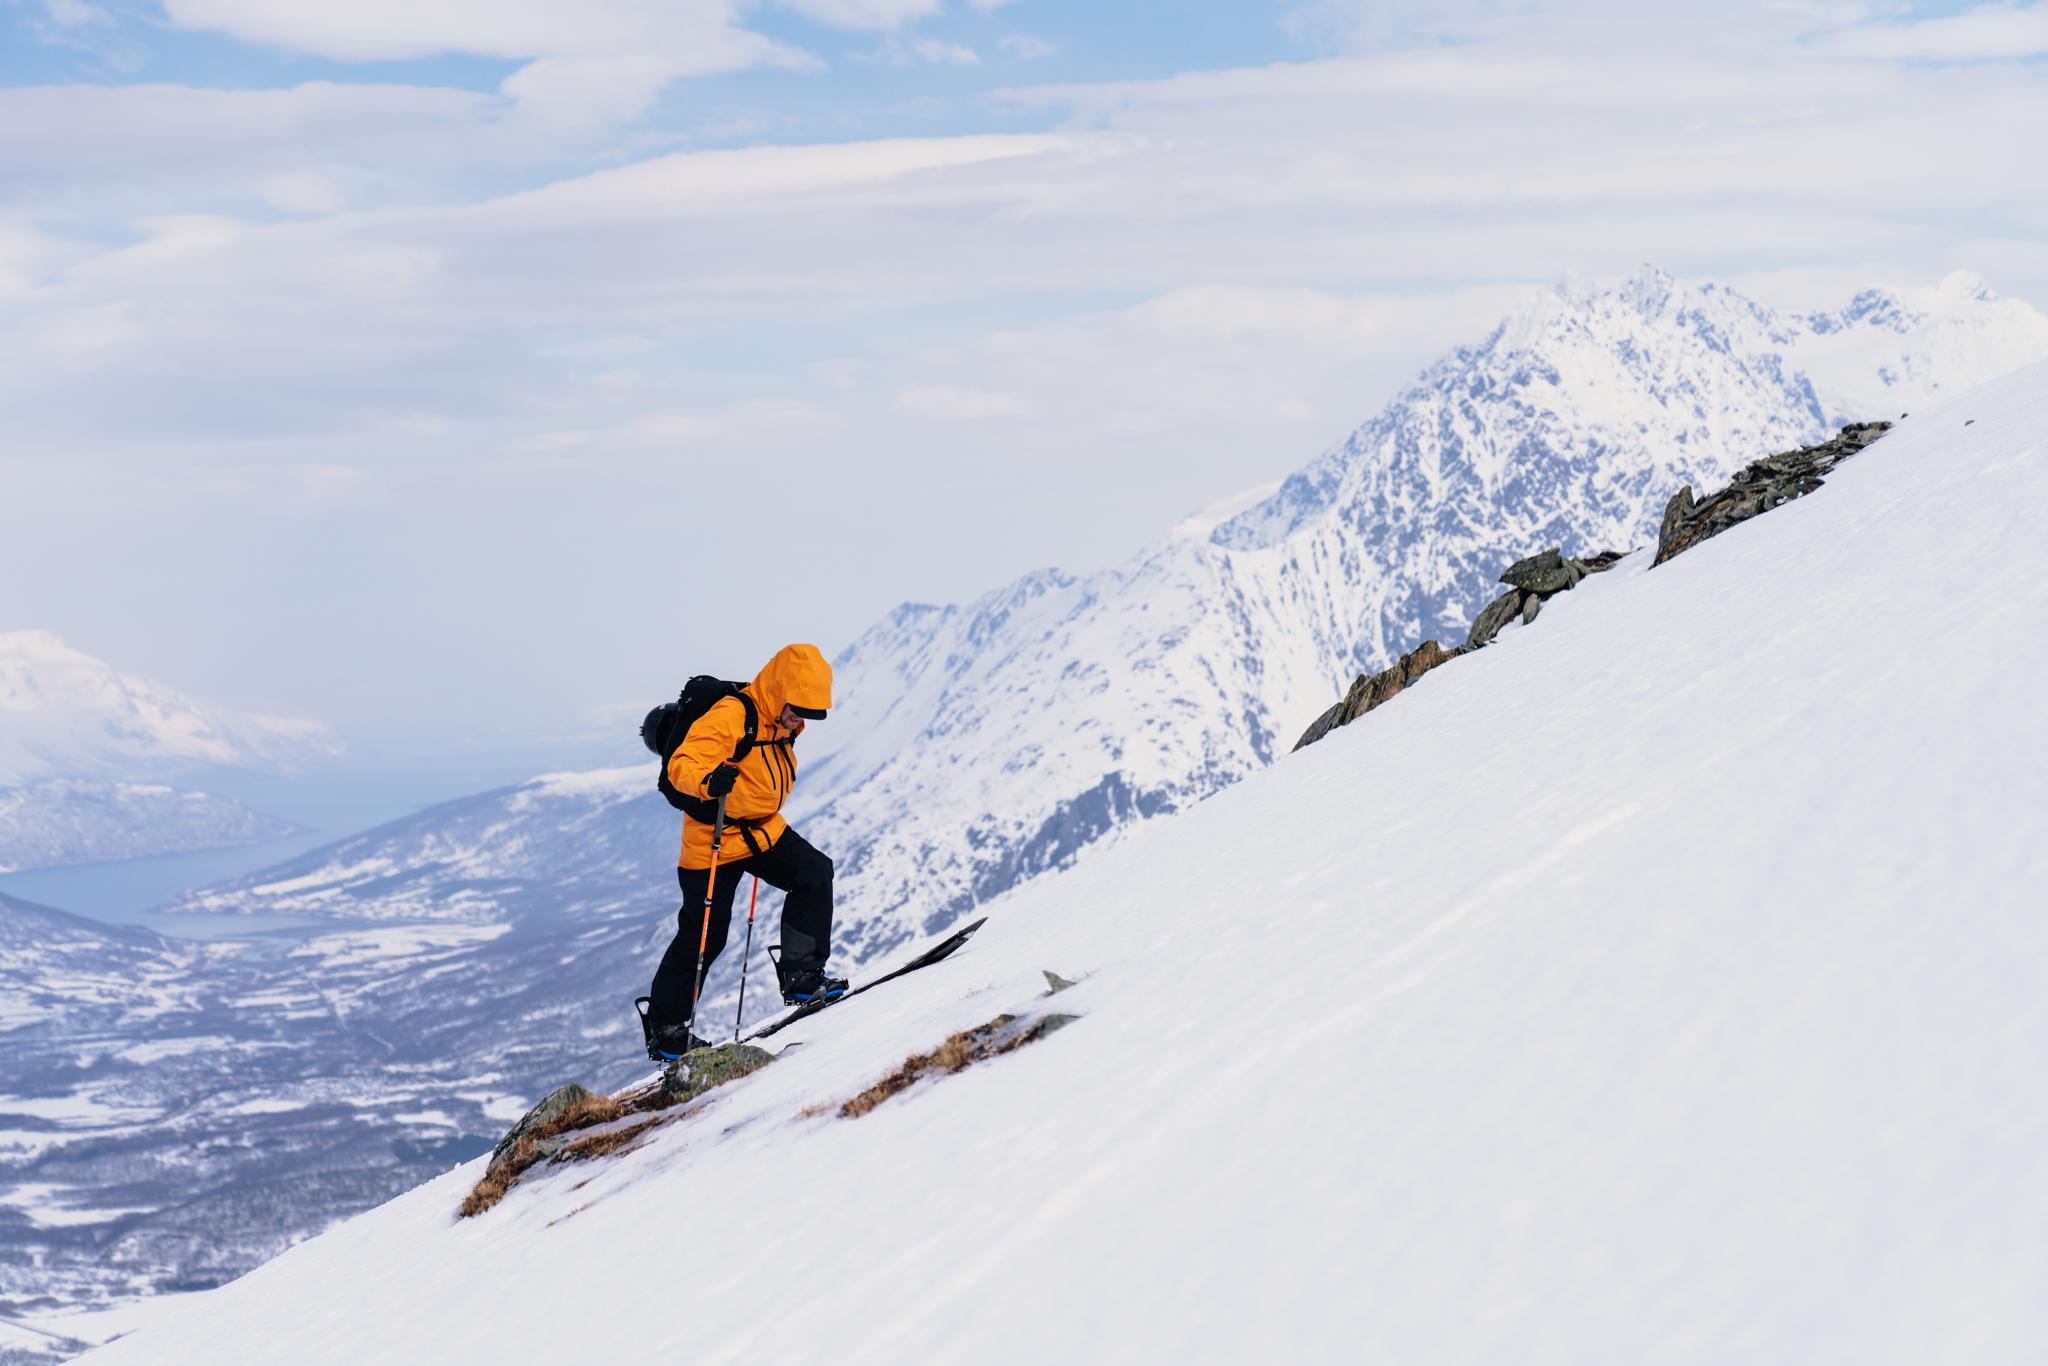 Antti Autti Splitboarding